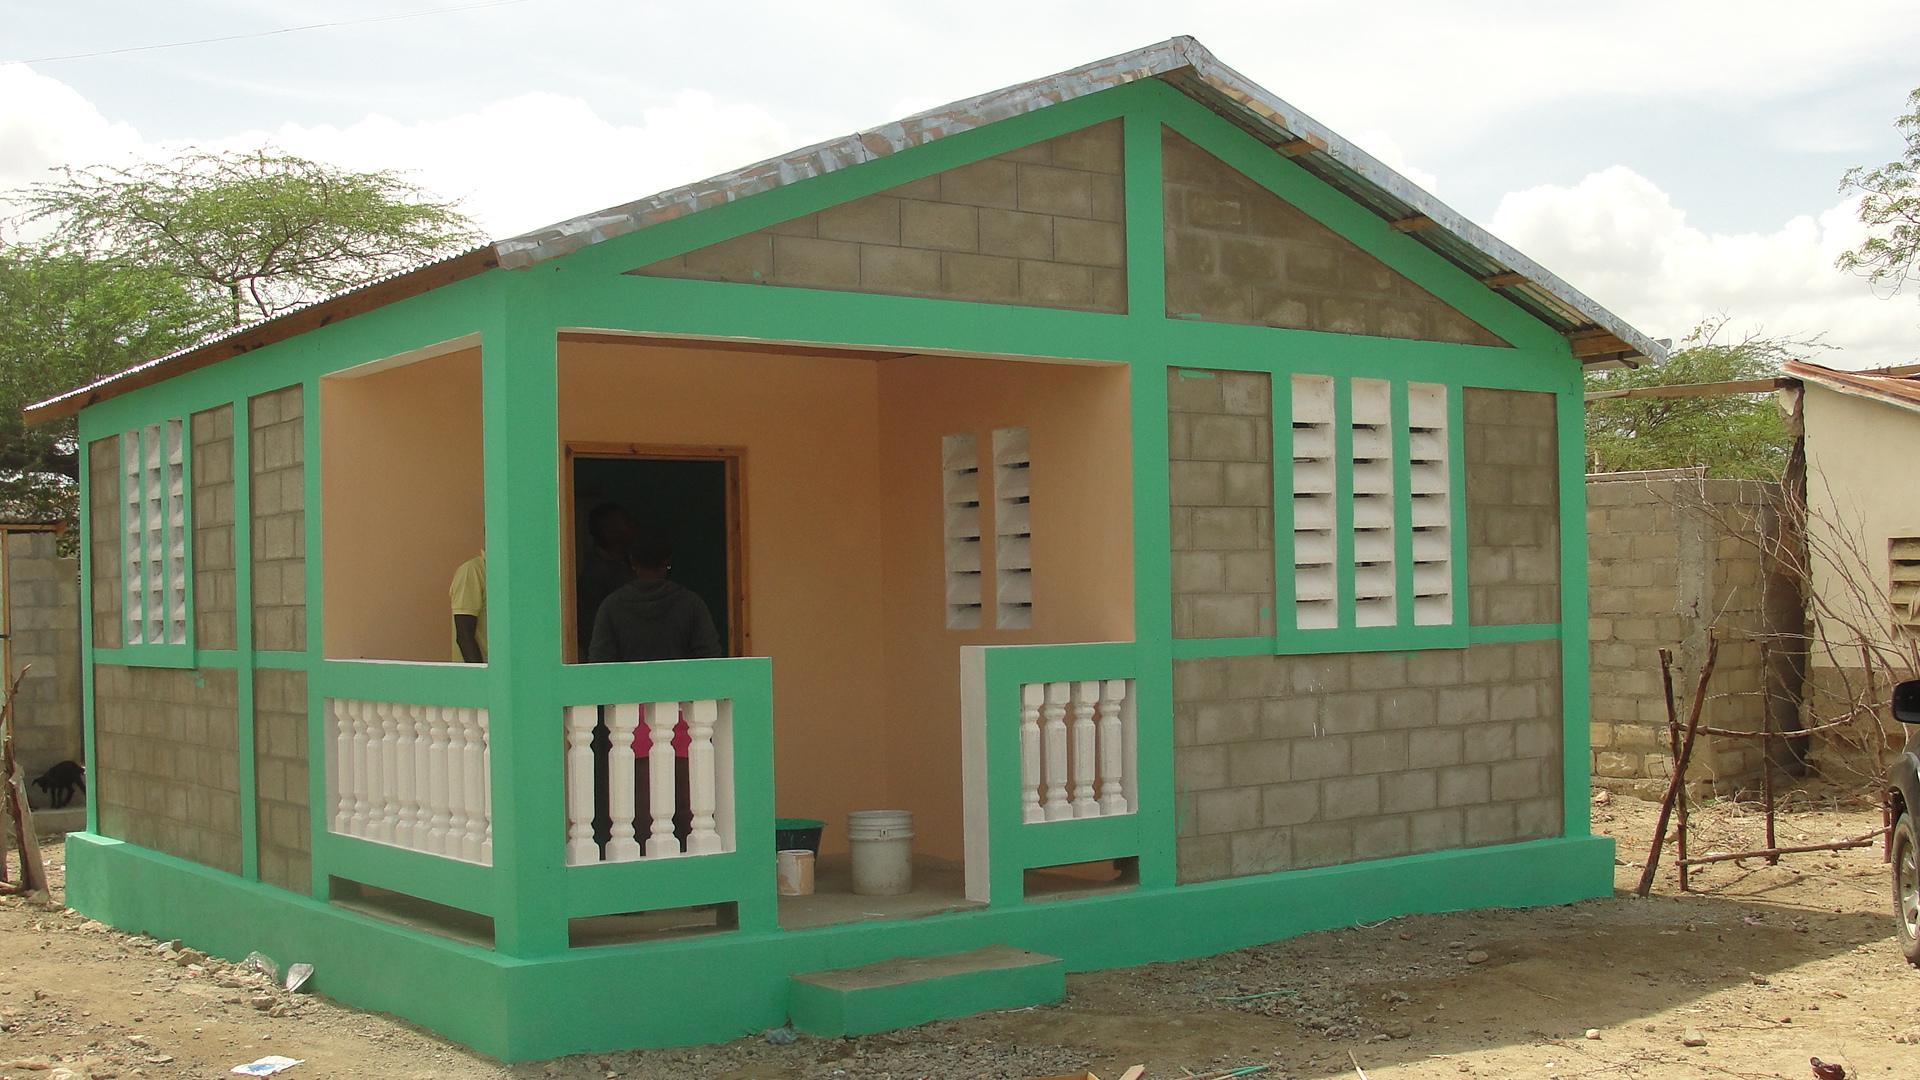 Construction de logements sociaux | Haiti Sur Vie